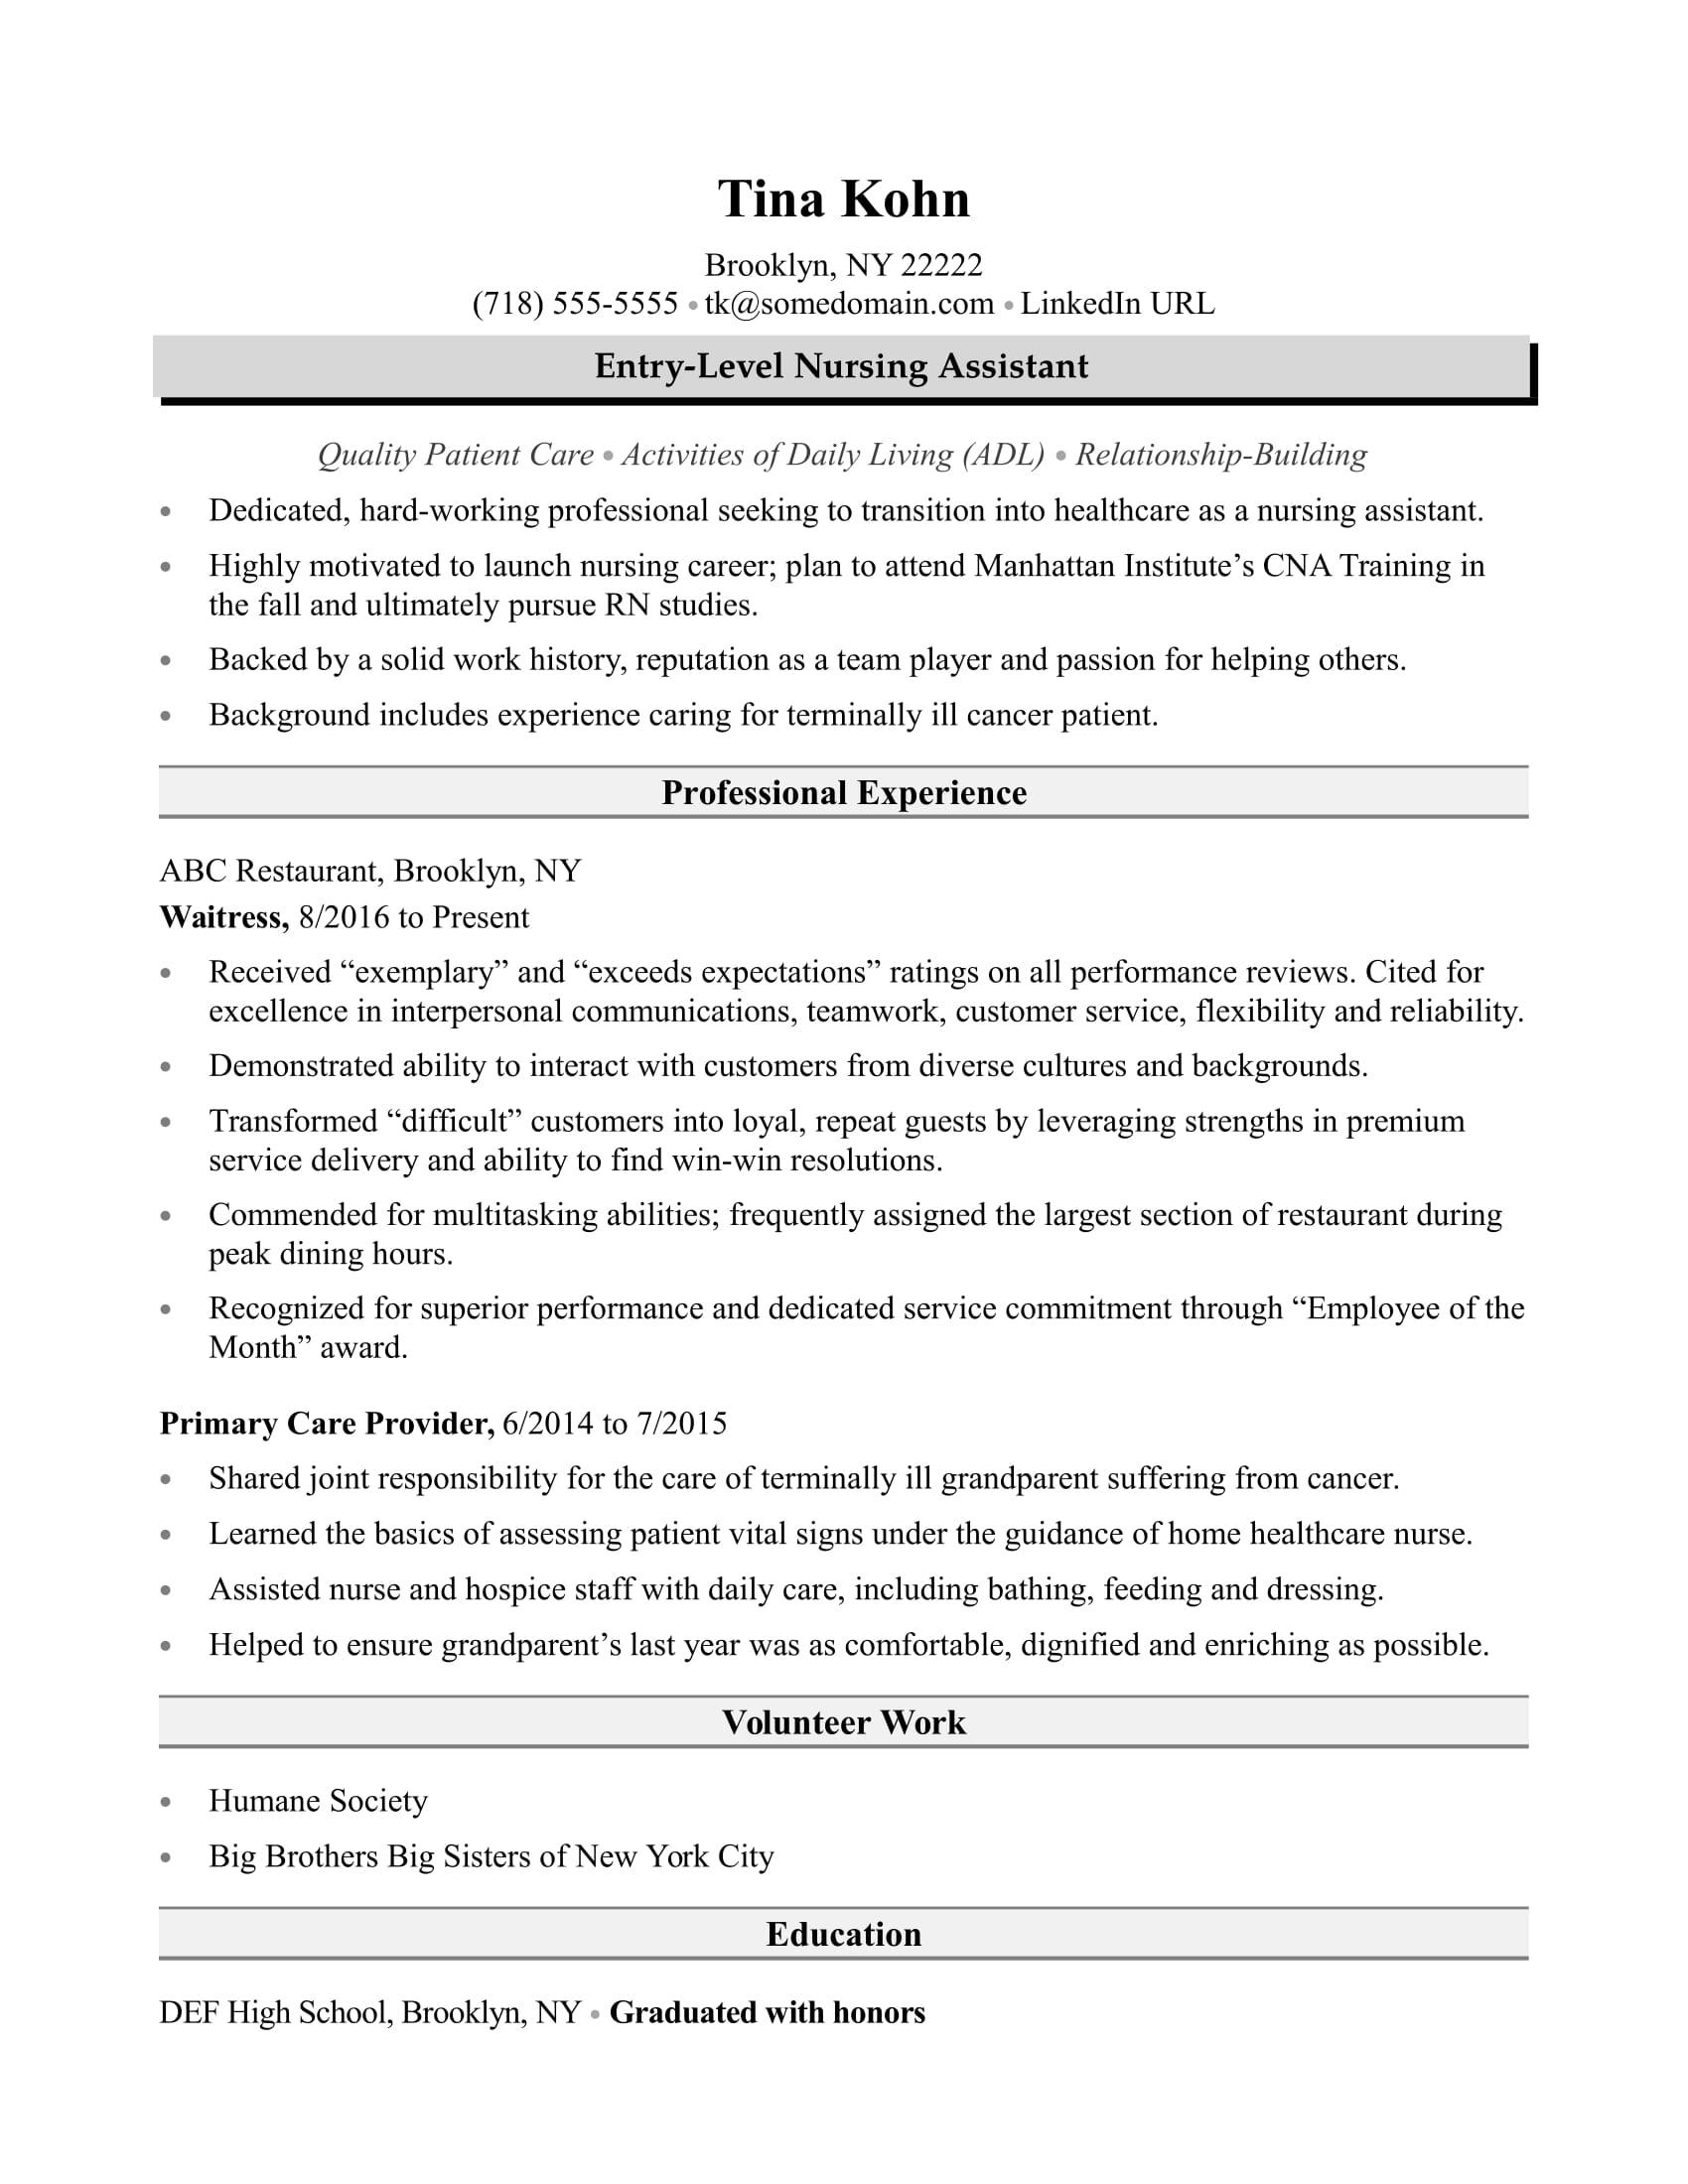 Nursing Assistant Resume Sample Monster Com